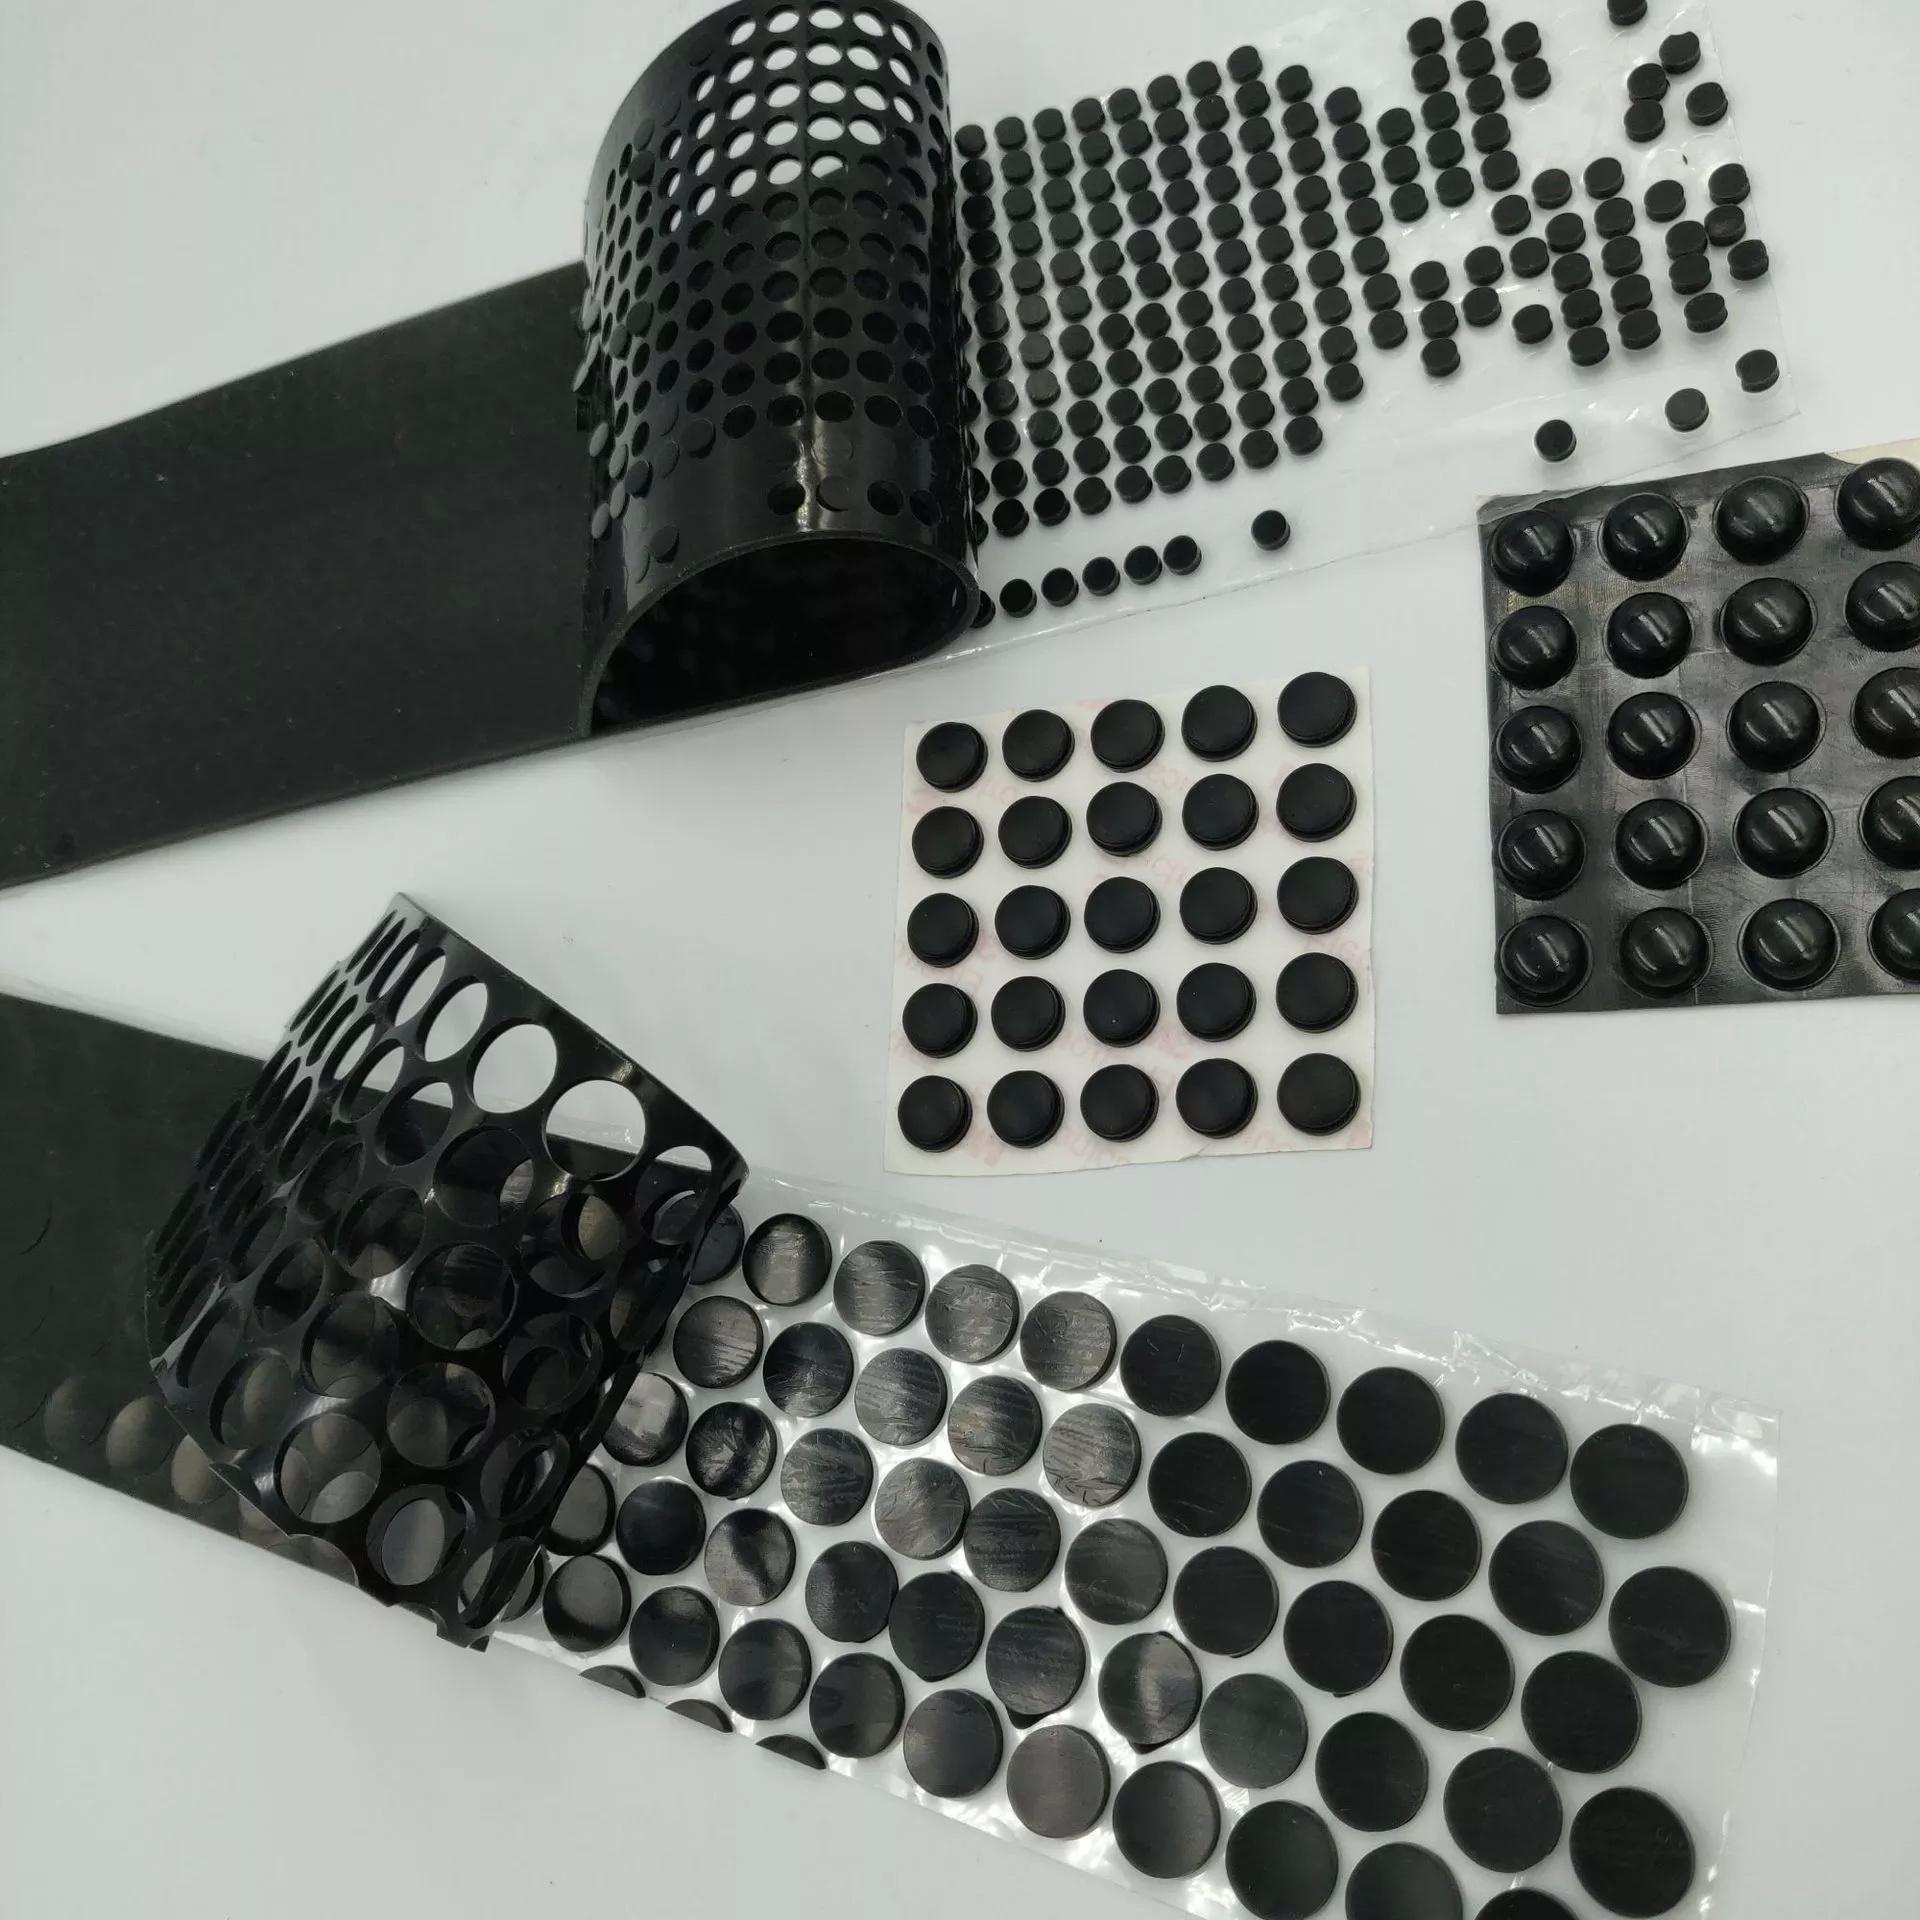 硅膠墊 食品級透明硅膠墊片 自粘圓形硅膠腳墊 桌面支架硅膠墊